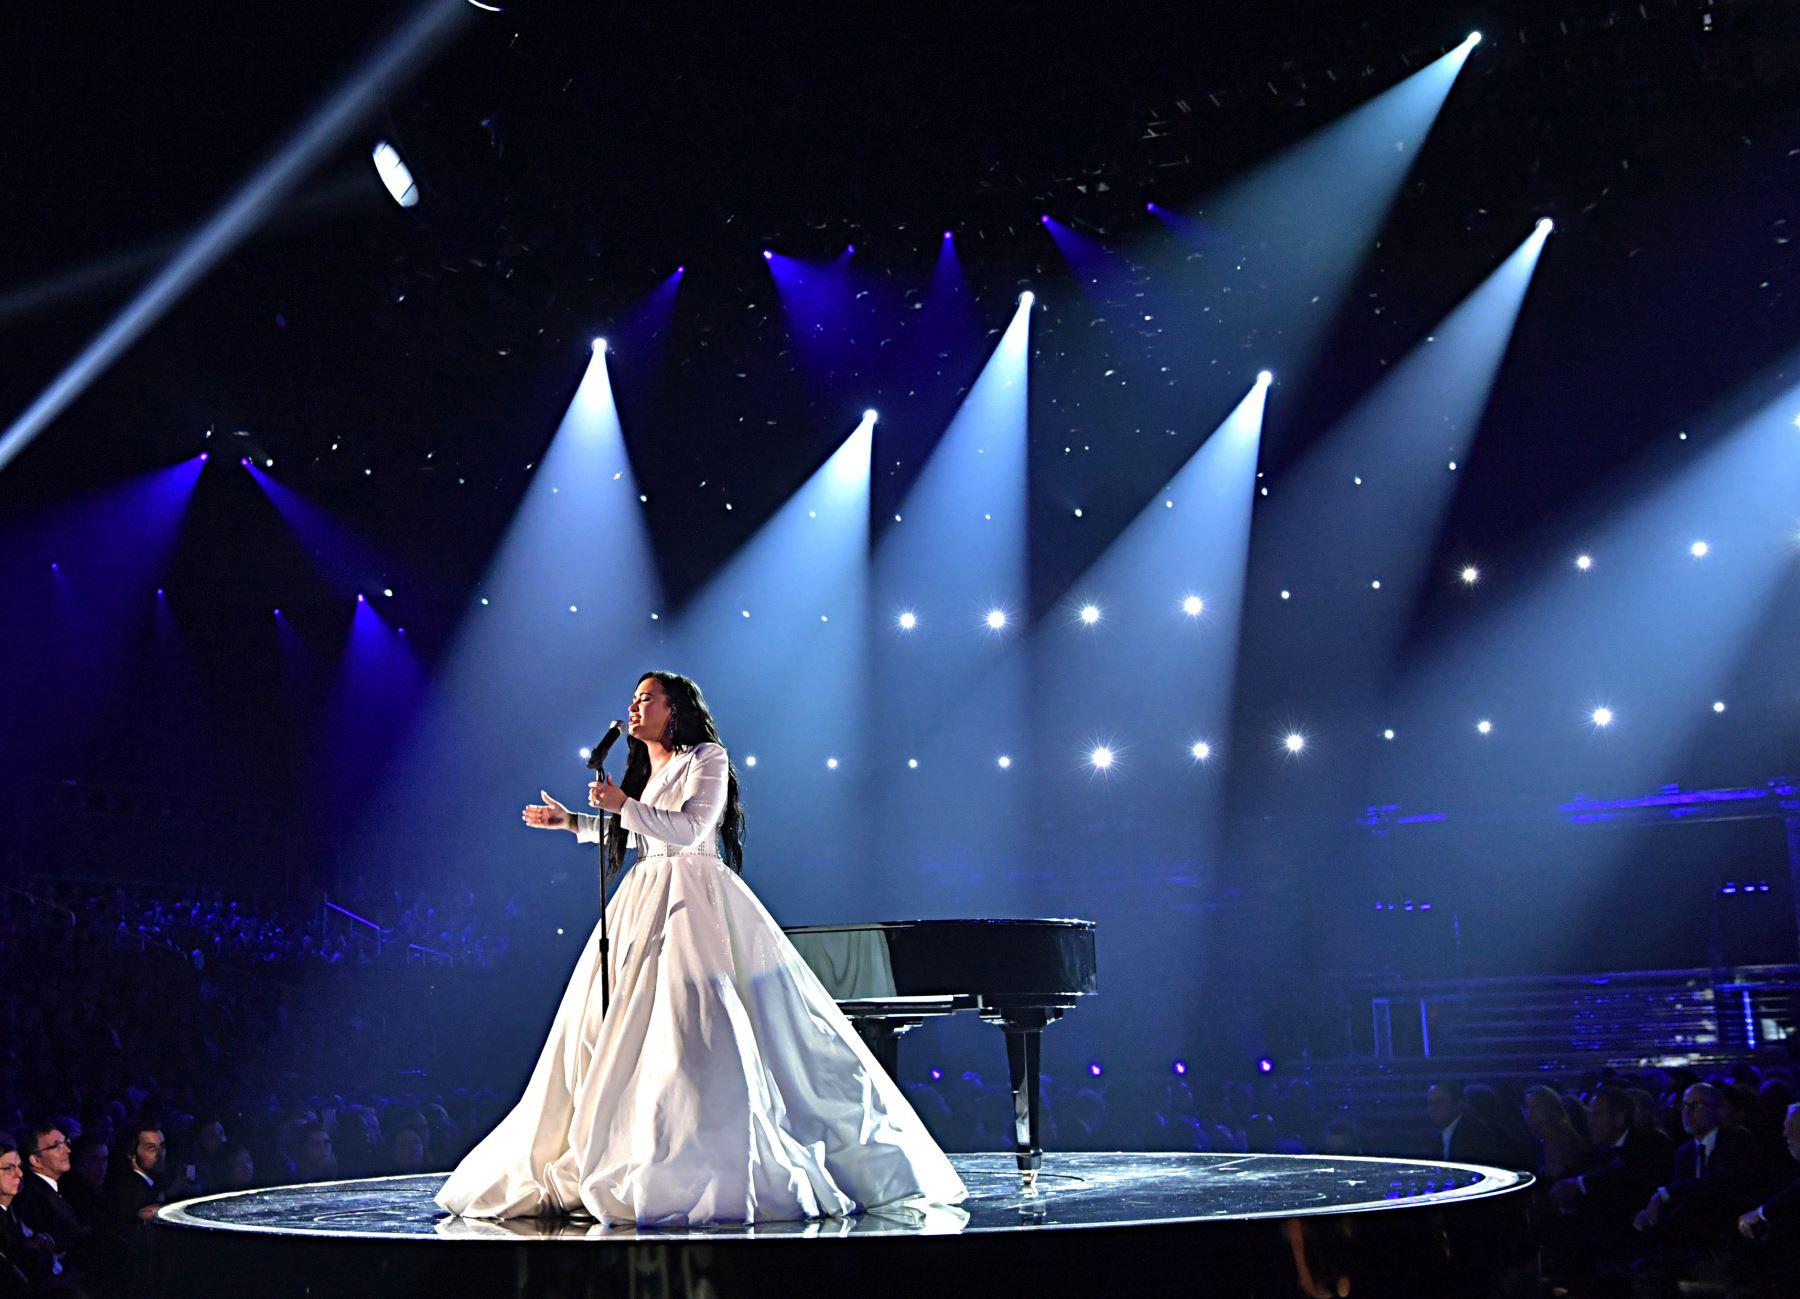 Demi Lovato se presenta en el escenario durante la 62a Entrega Anual de los Premios GRAMMY en el STAPLES Center  en Los Ángeles, California. Foto: AFP